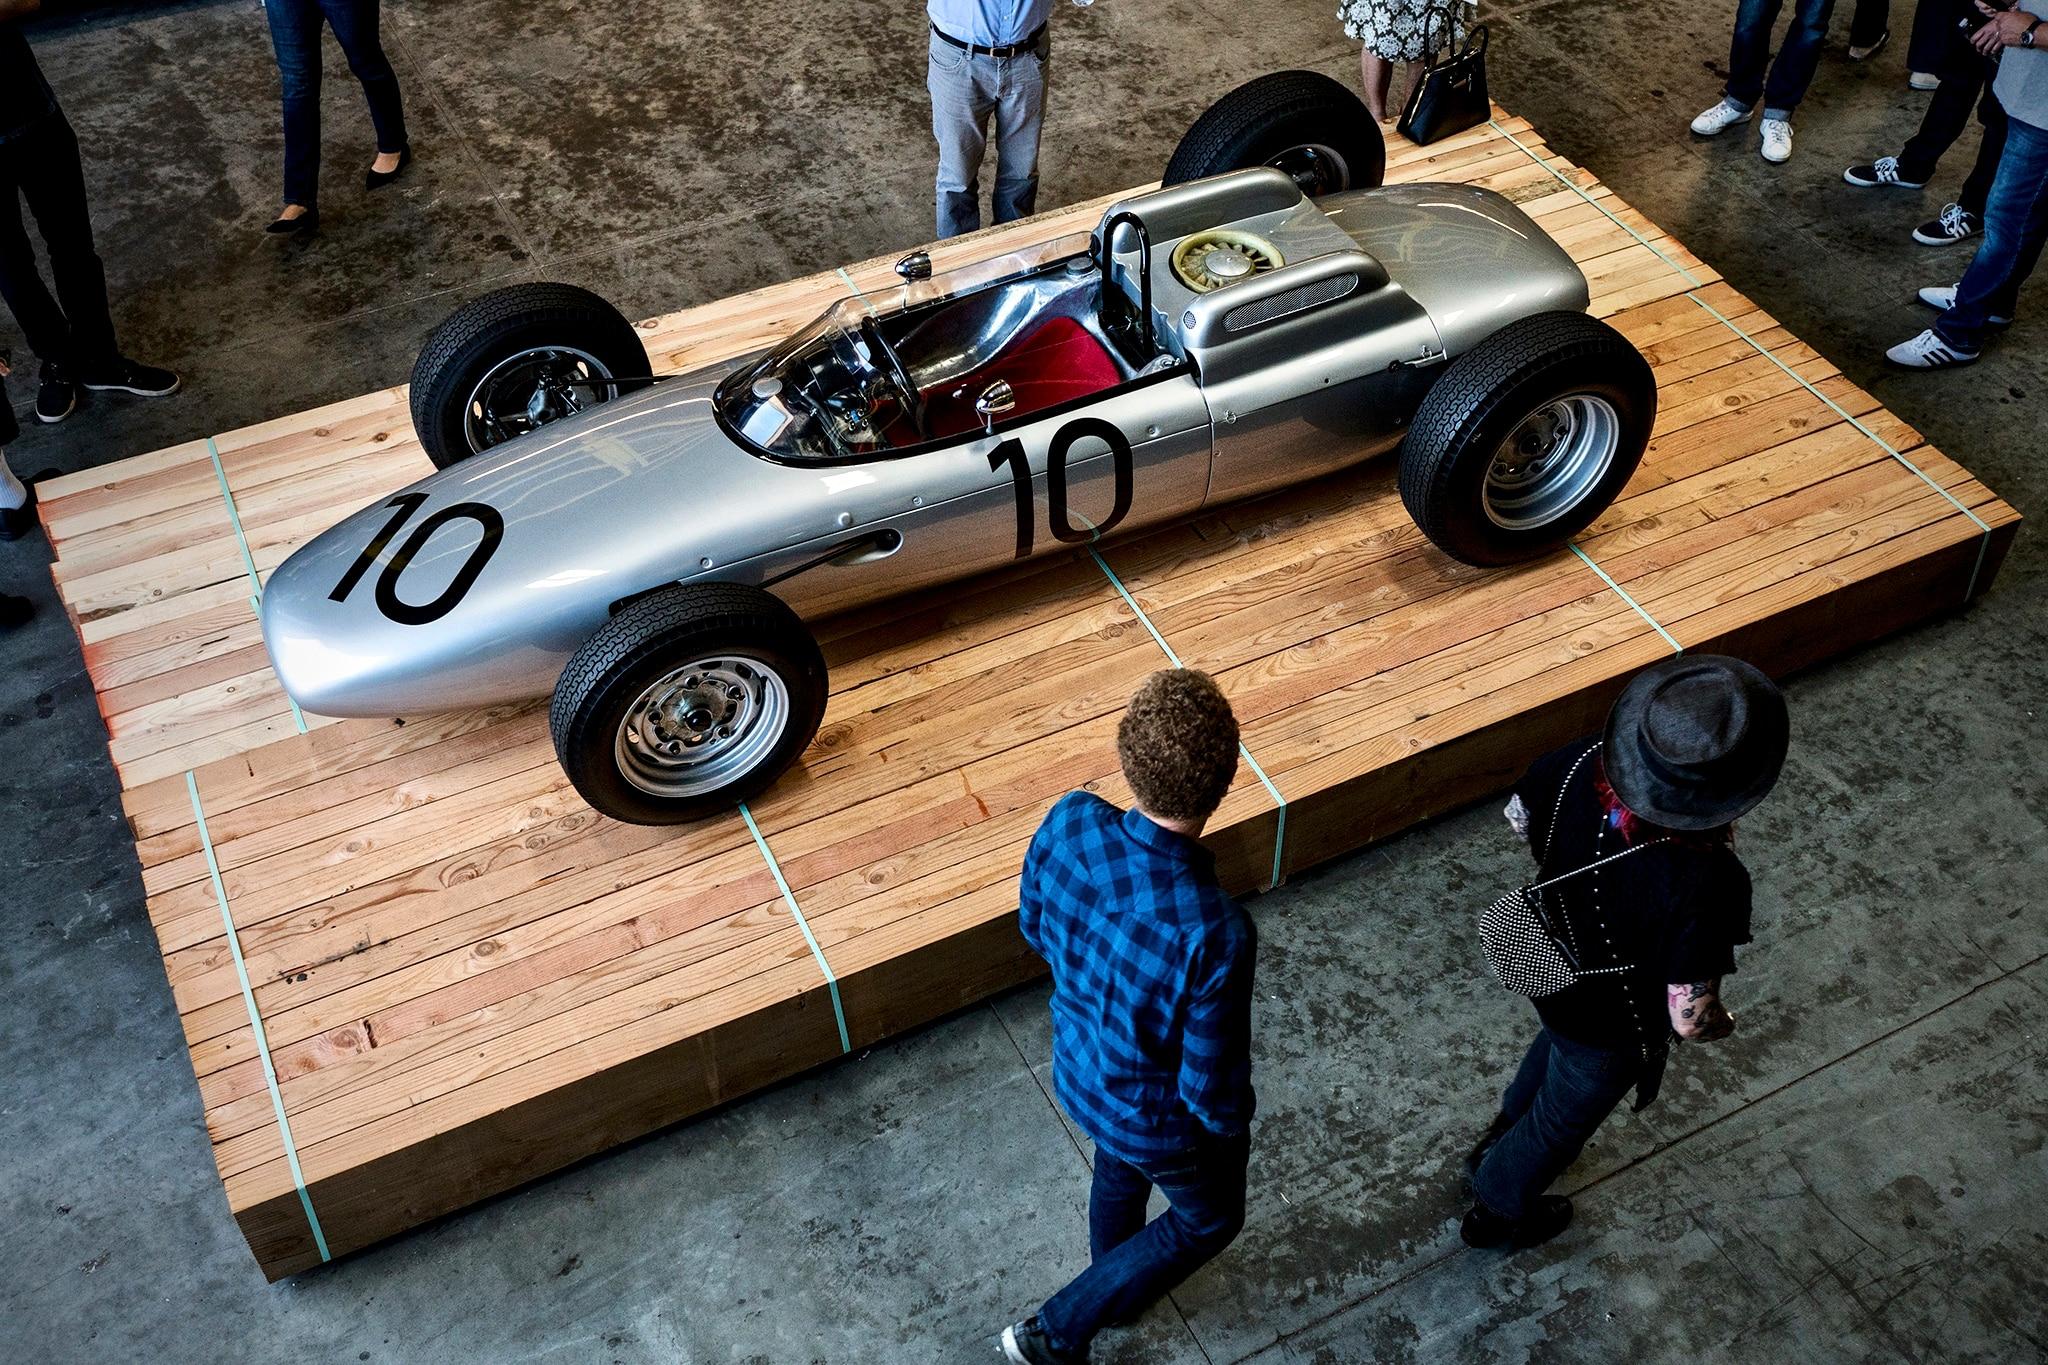 Luftgekuhlt 5 Porsche Meet At Ganahl Lumber 12